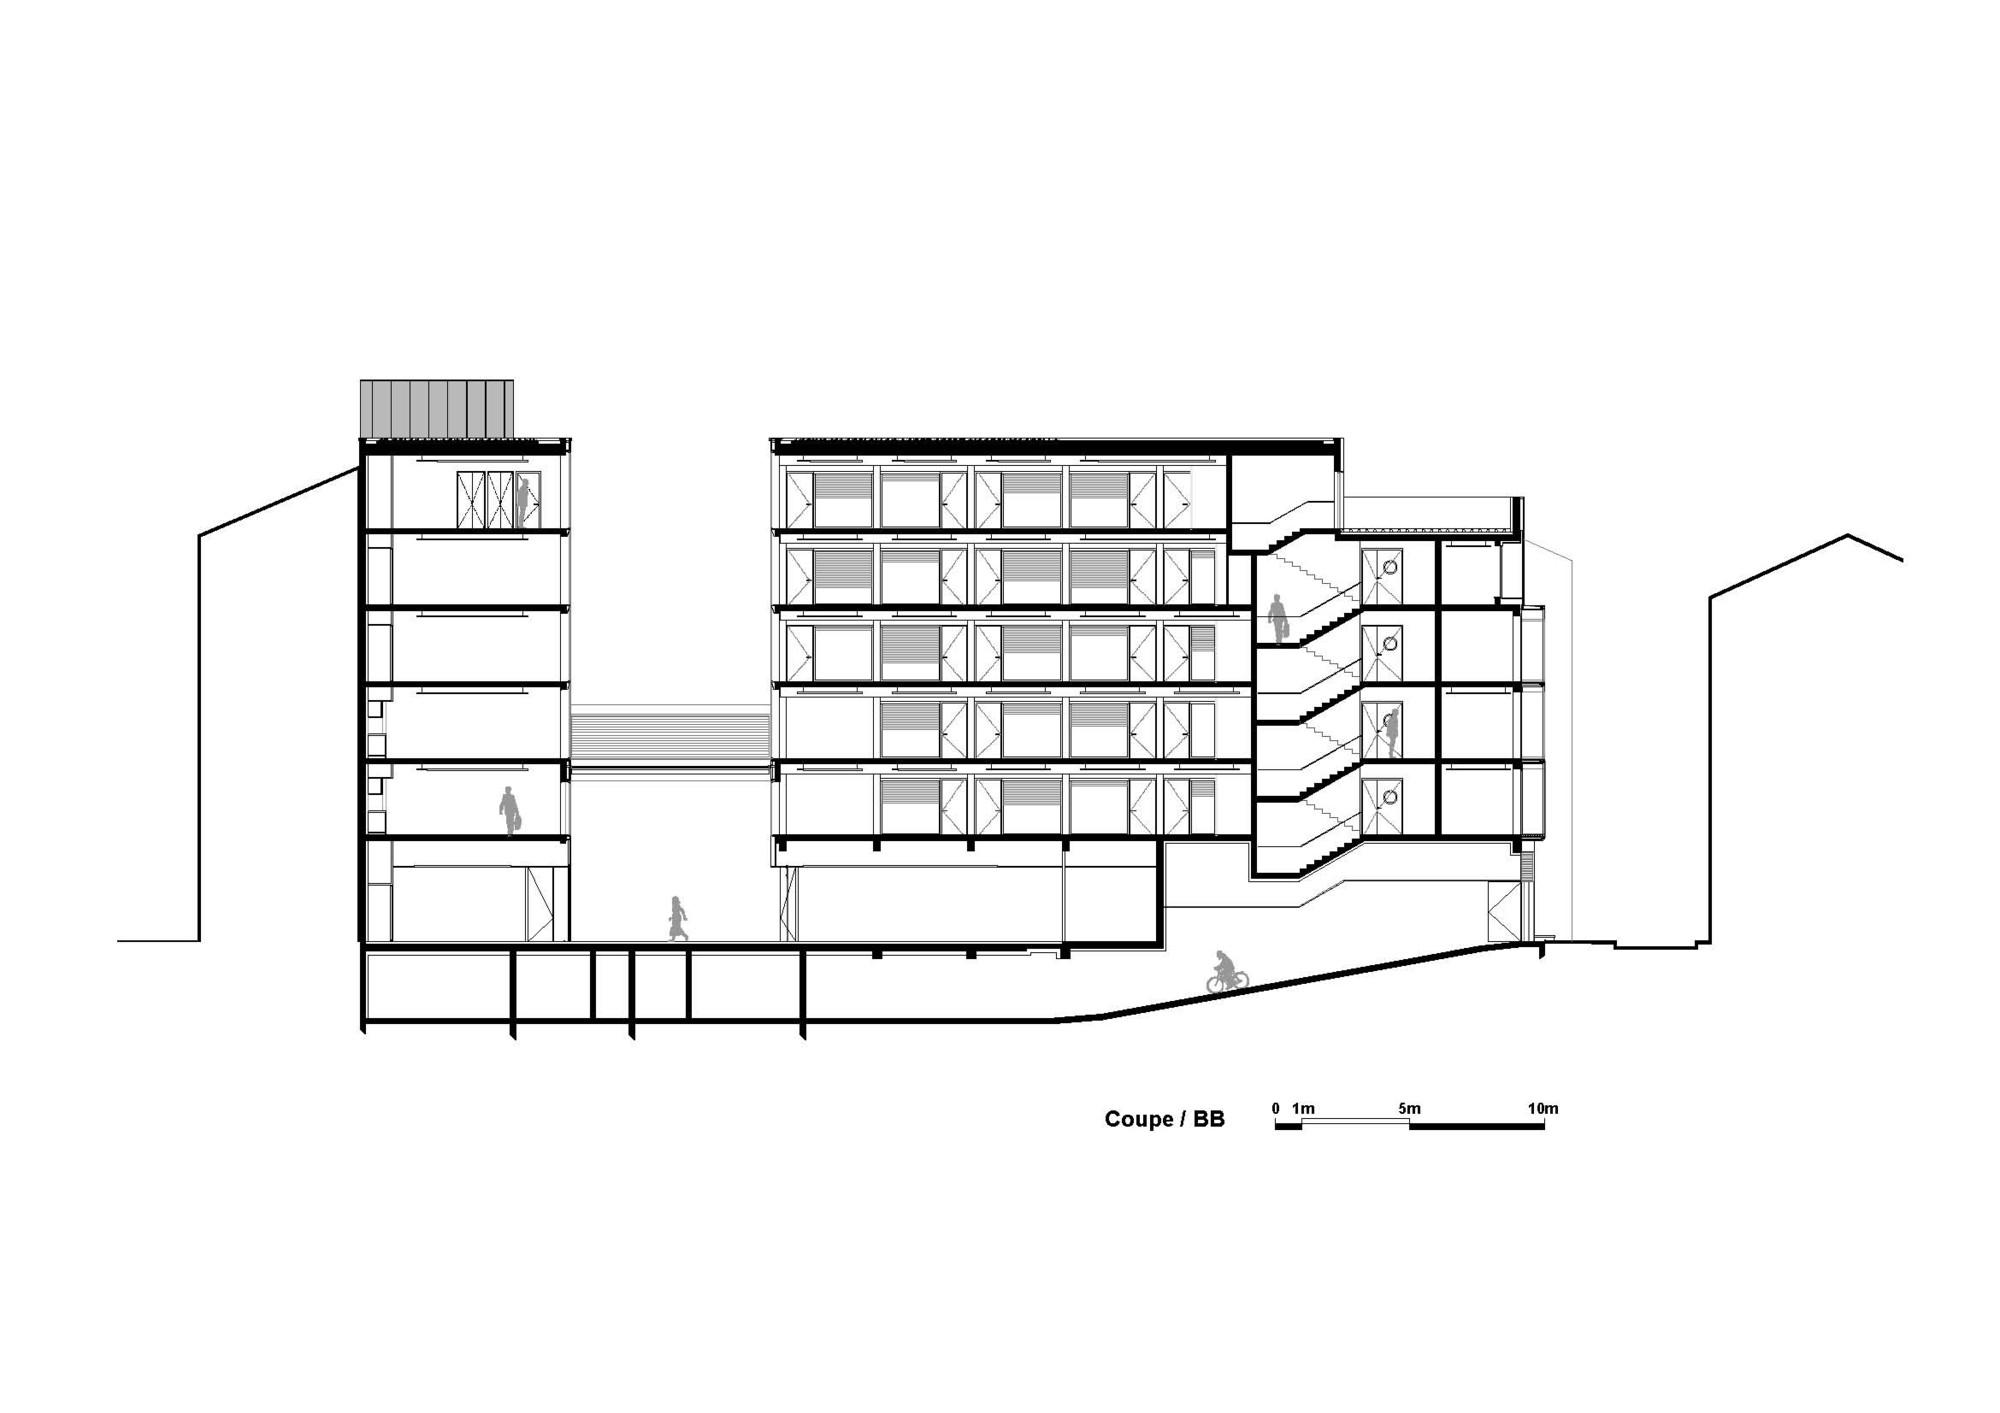 galer a de sede central caisse d epargne taillandier architectes associ s 14. Black Bedroom Furniture Sets. Home Design Ideas